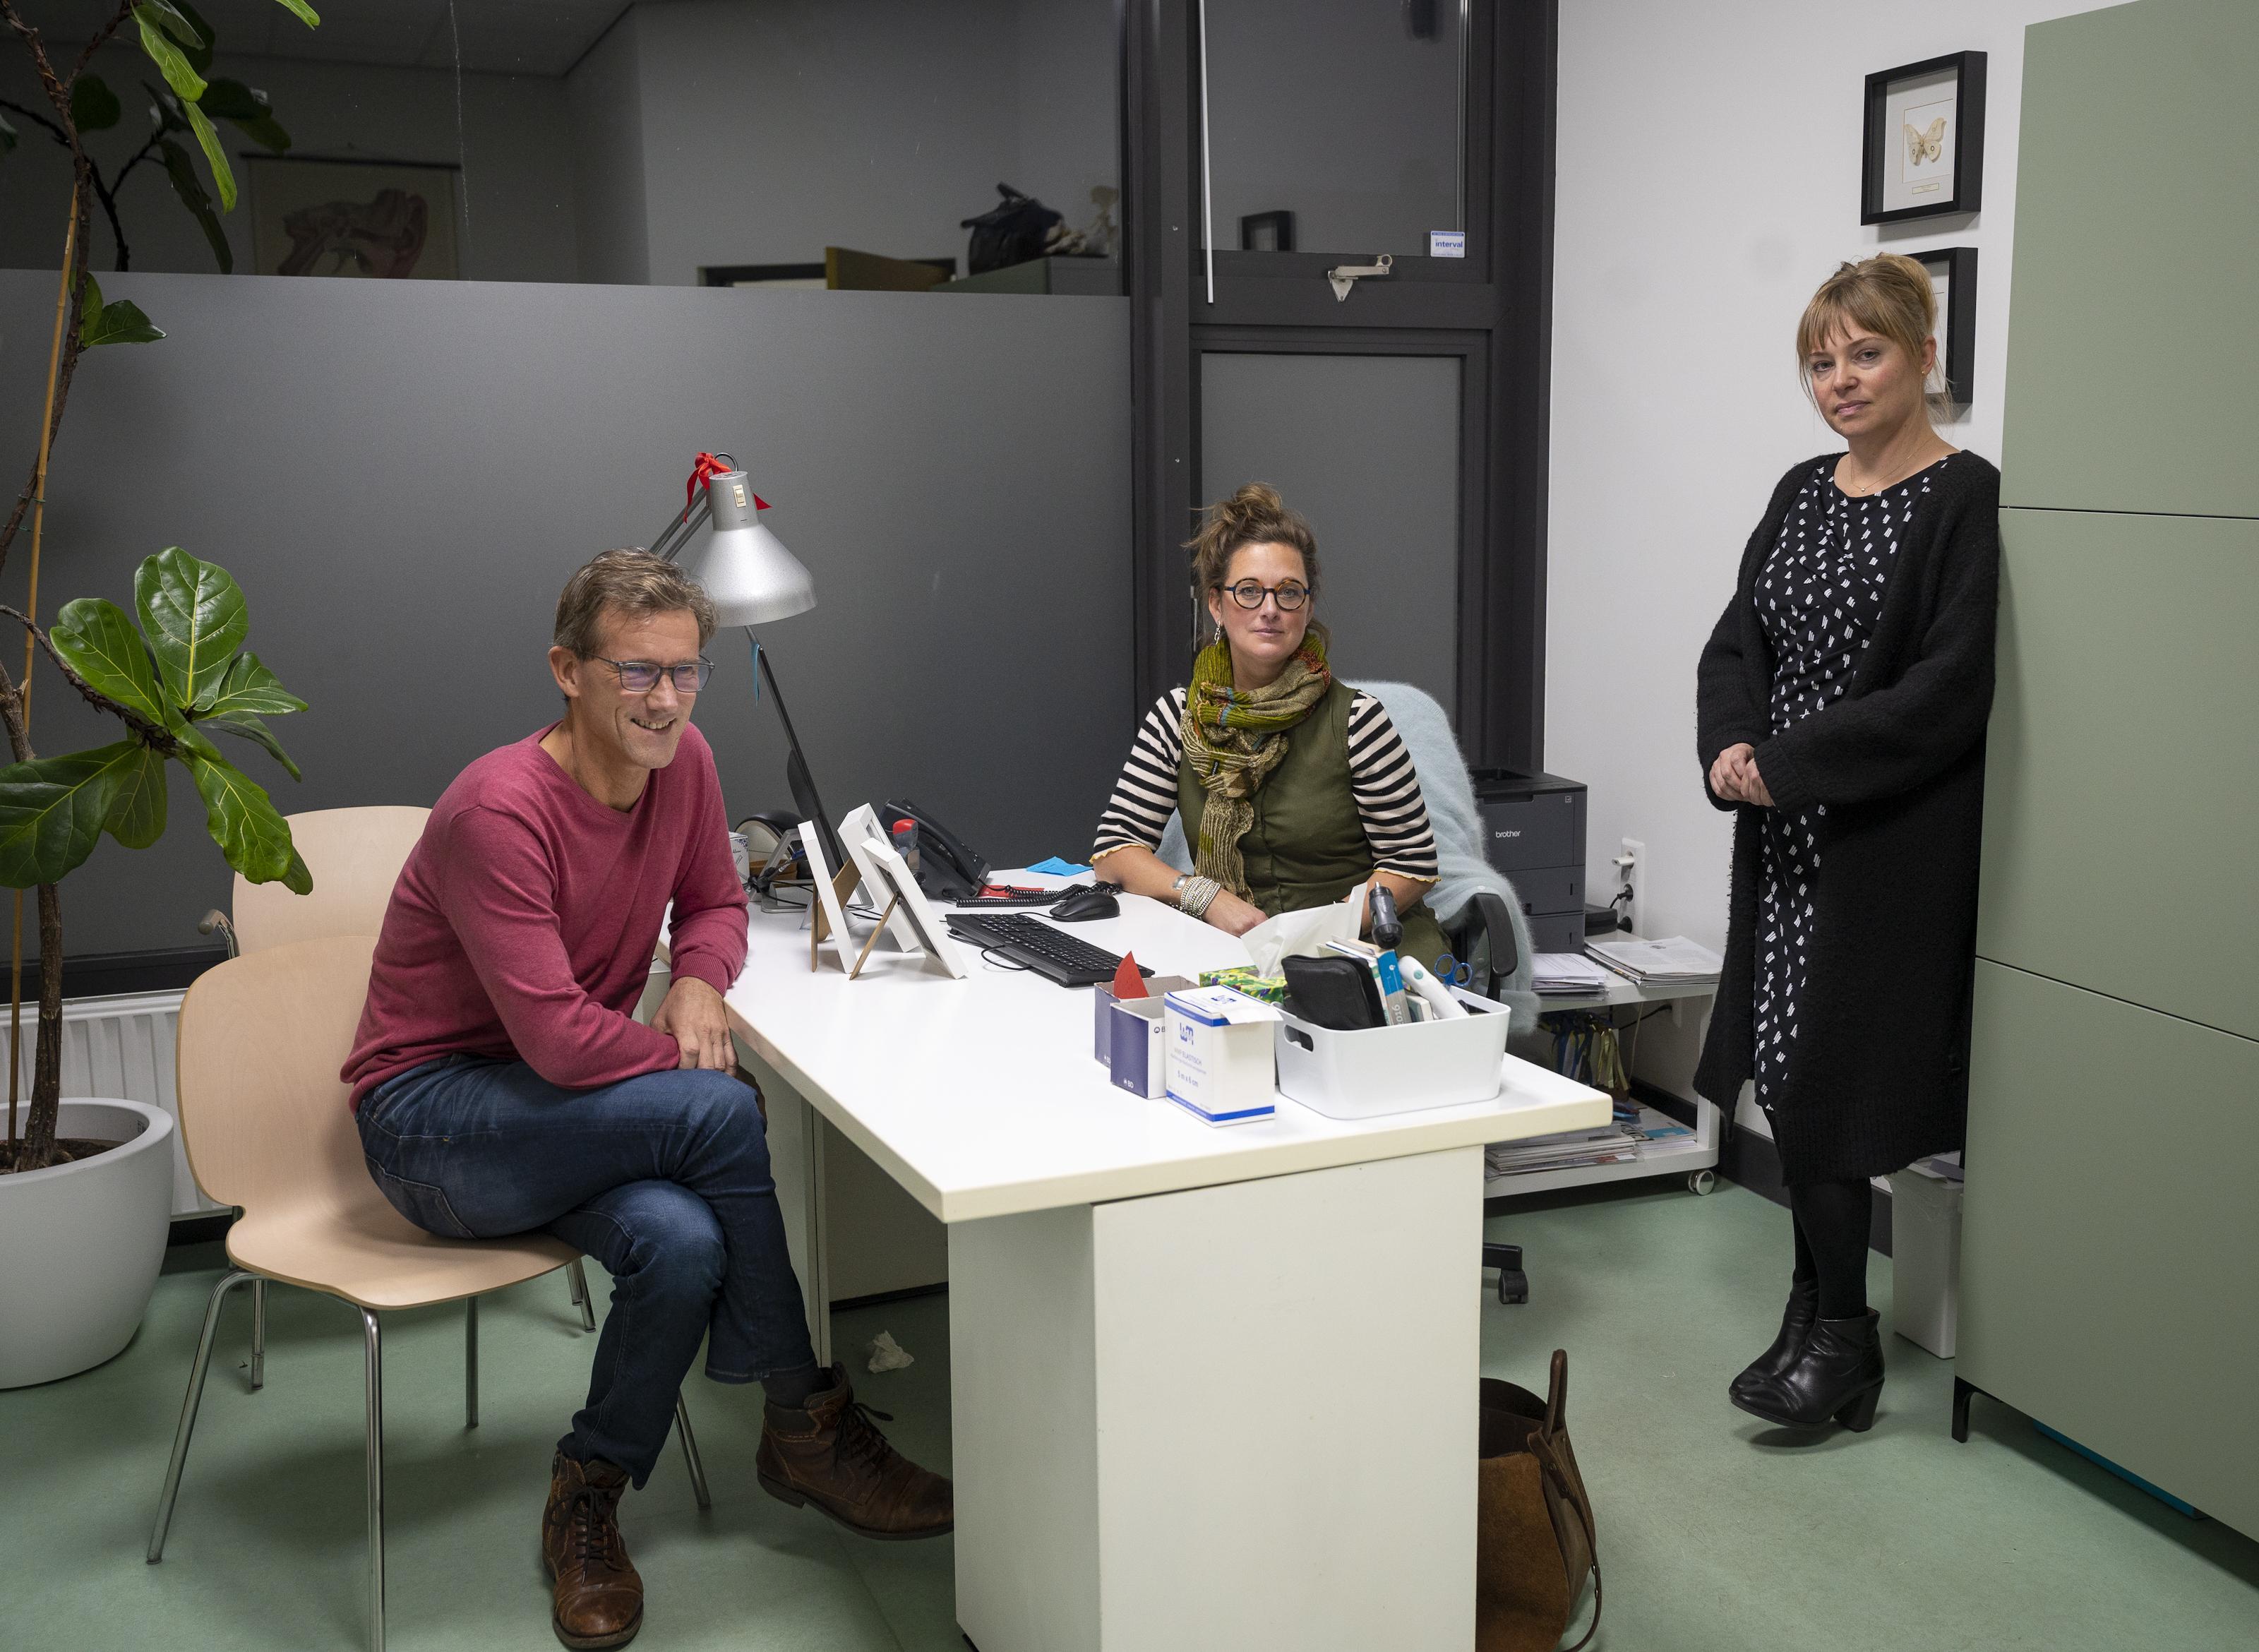 Huisartsen in Krommenie voorzien verdere patiëntenstop. 'Als er nu geen mogelijkheid komt om samen te werken, is het momentum verloren'